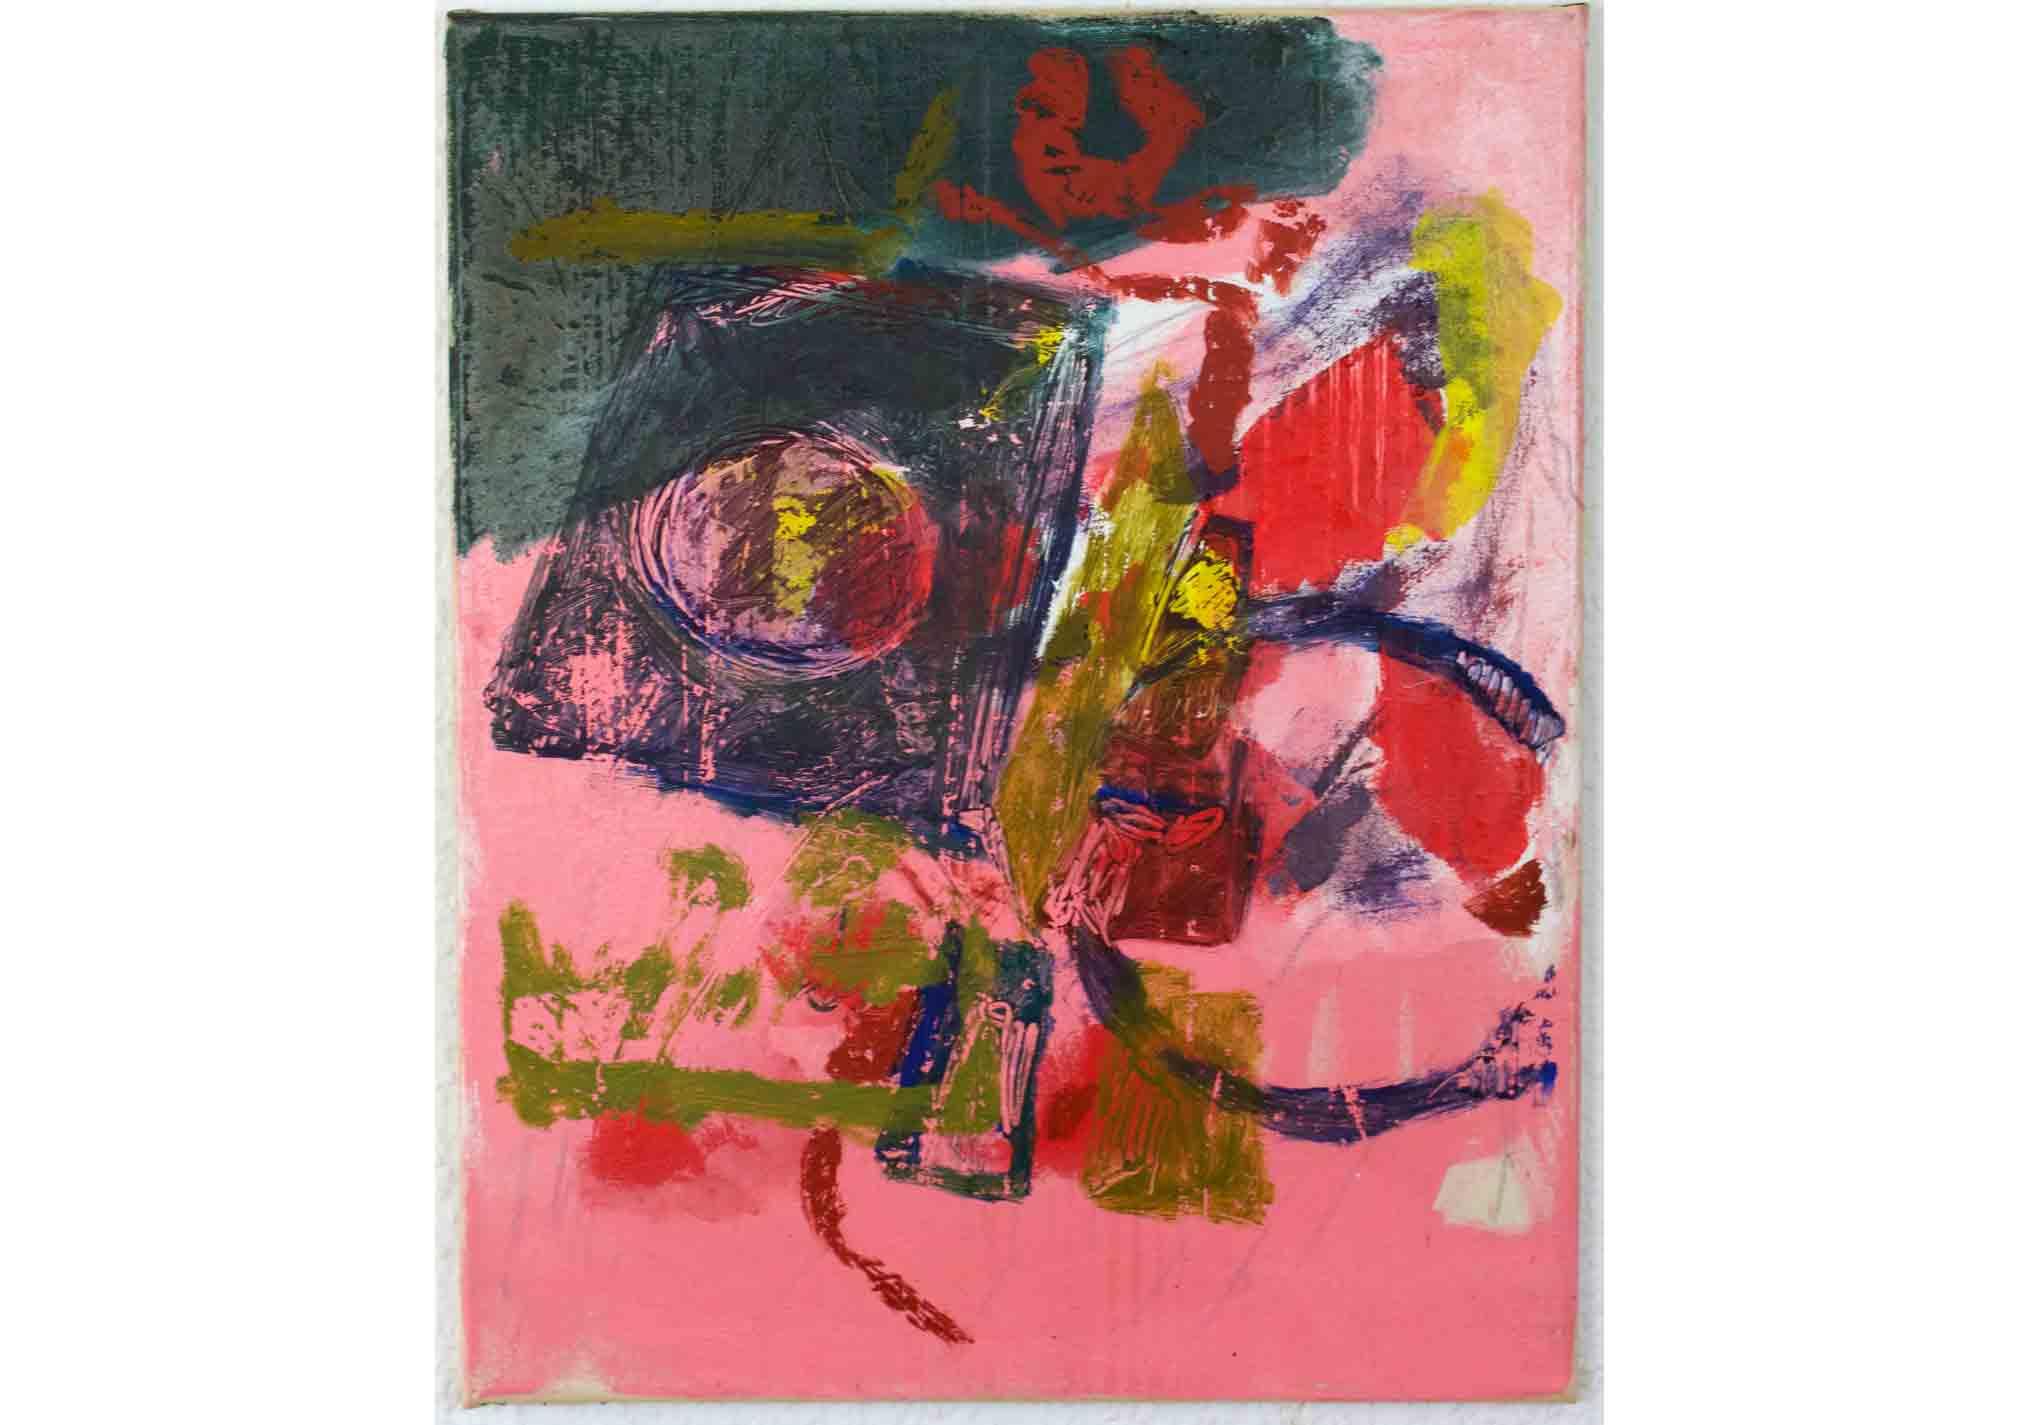 MT-Galerie-Zygmunt-Blazejewski-Dinge_117-003